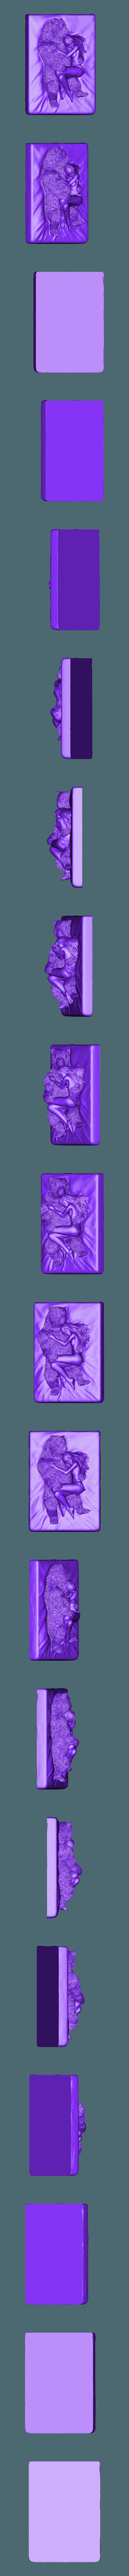 Masha_i_Medved.stl Télécharger fichier STL gratuit Masha et l'ours • Objet à imprimer en 3D, Boris3dStudio